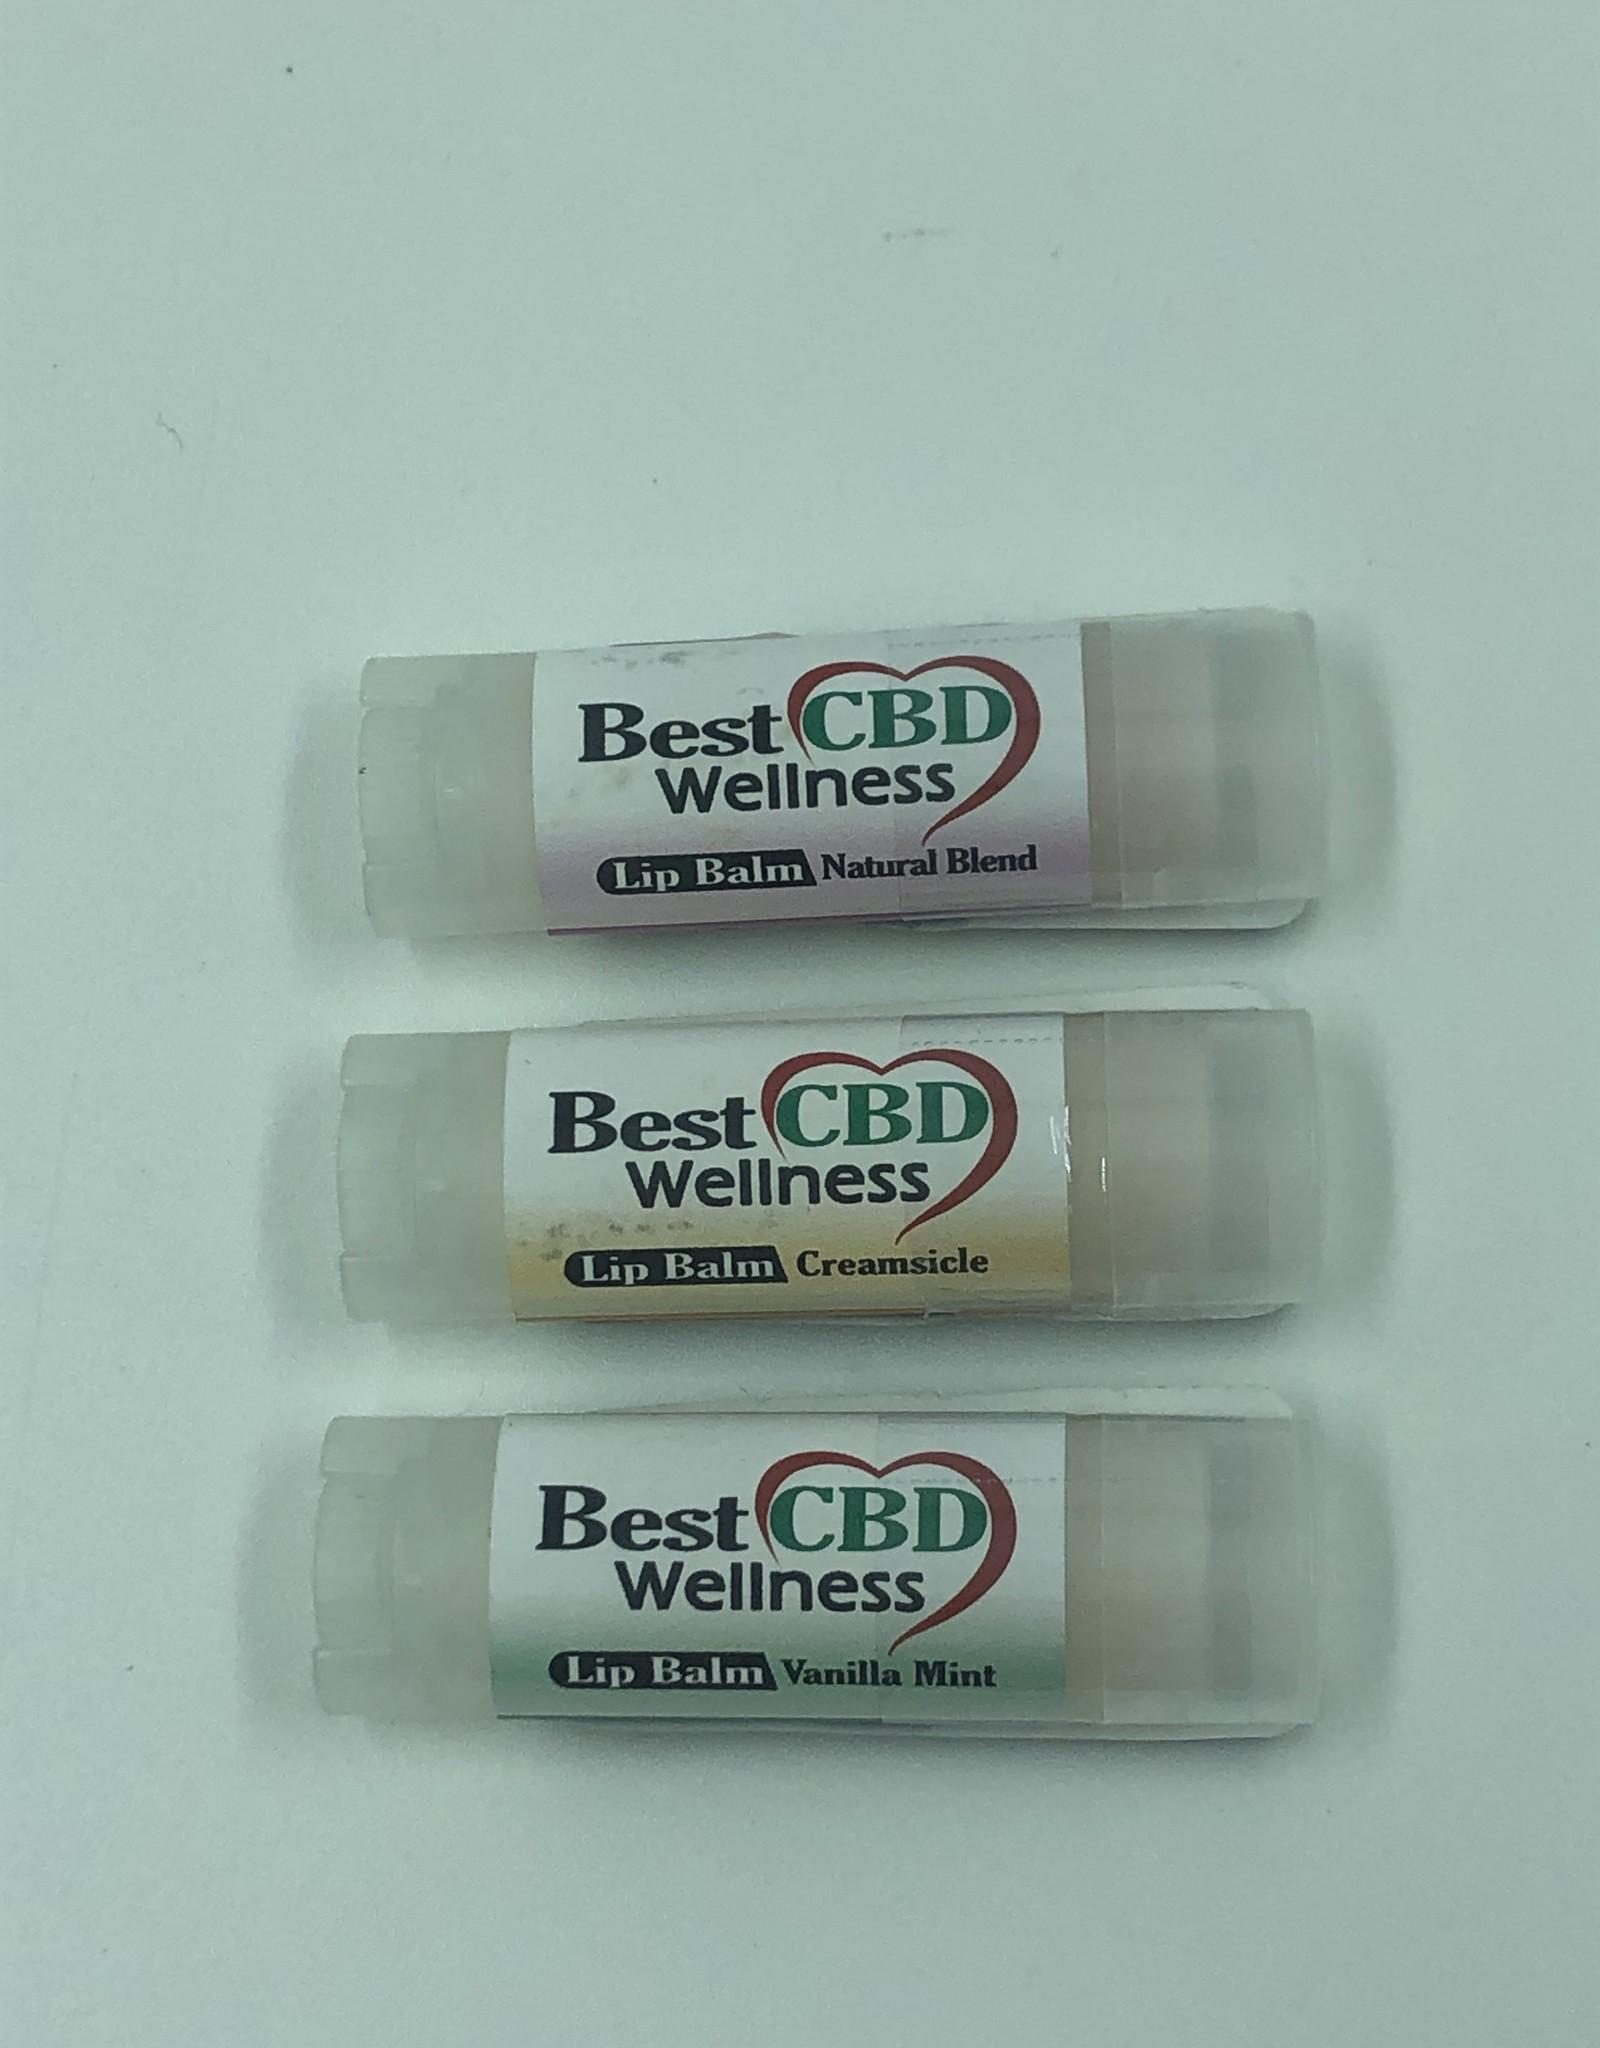 Best CBD Wellness Isolate CBD Natural Blend Lip Balm 50mg